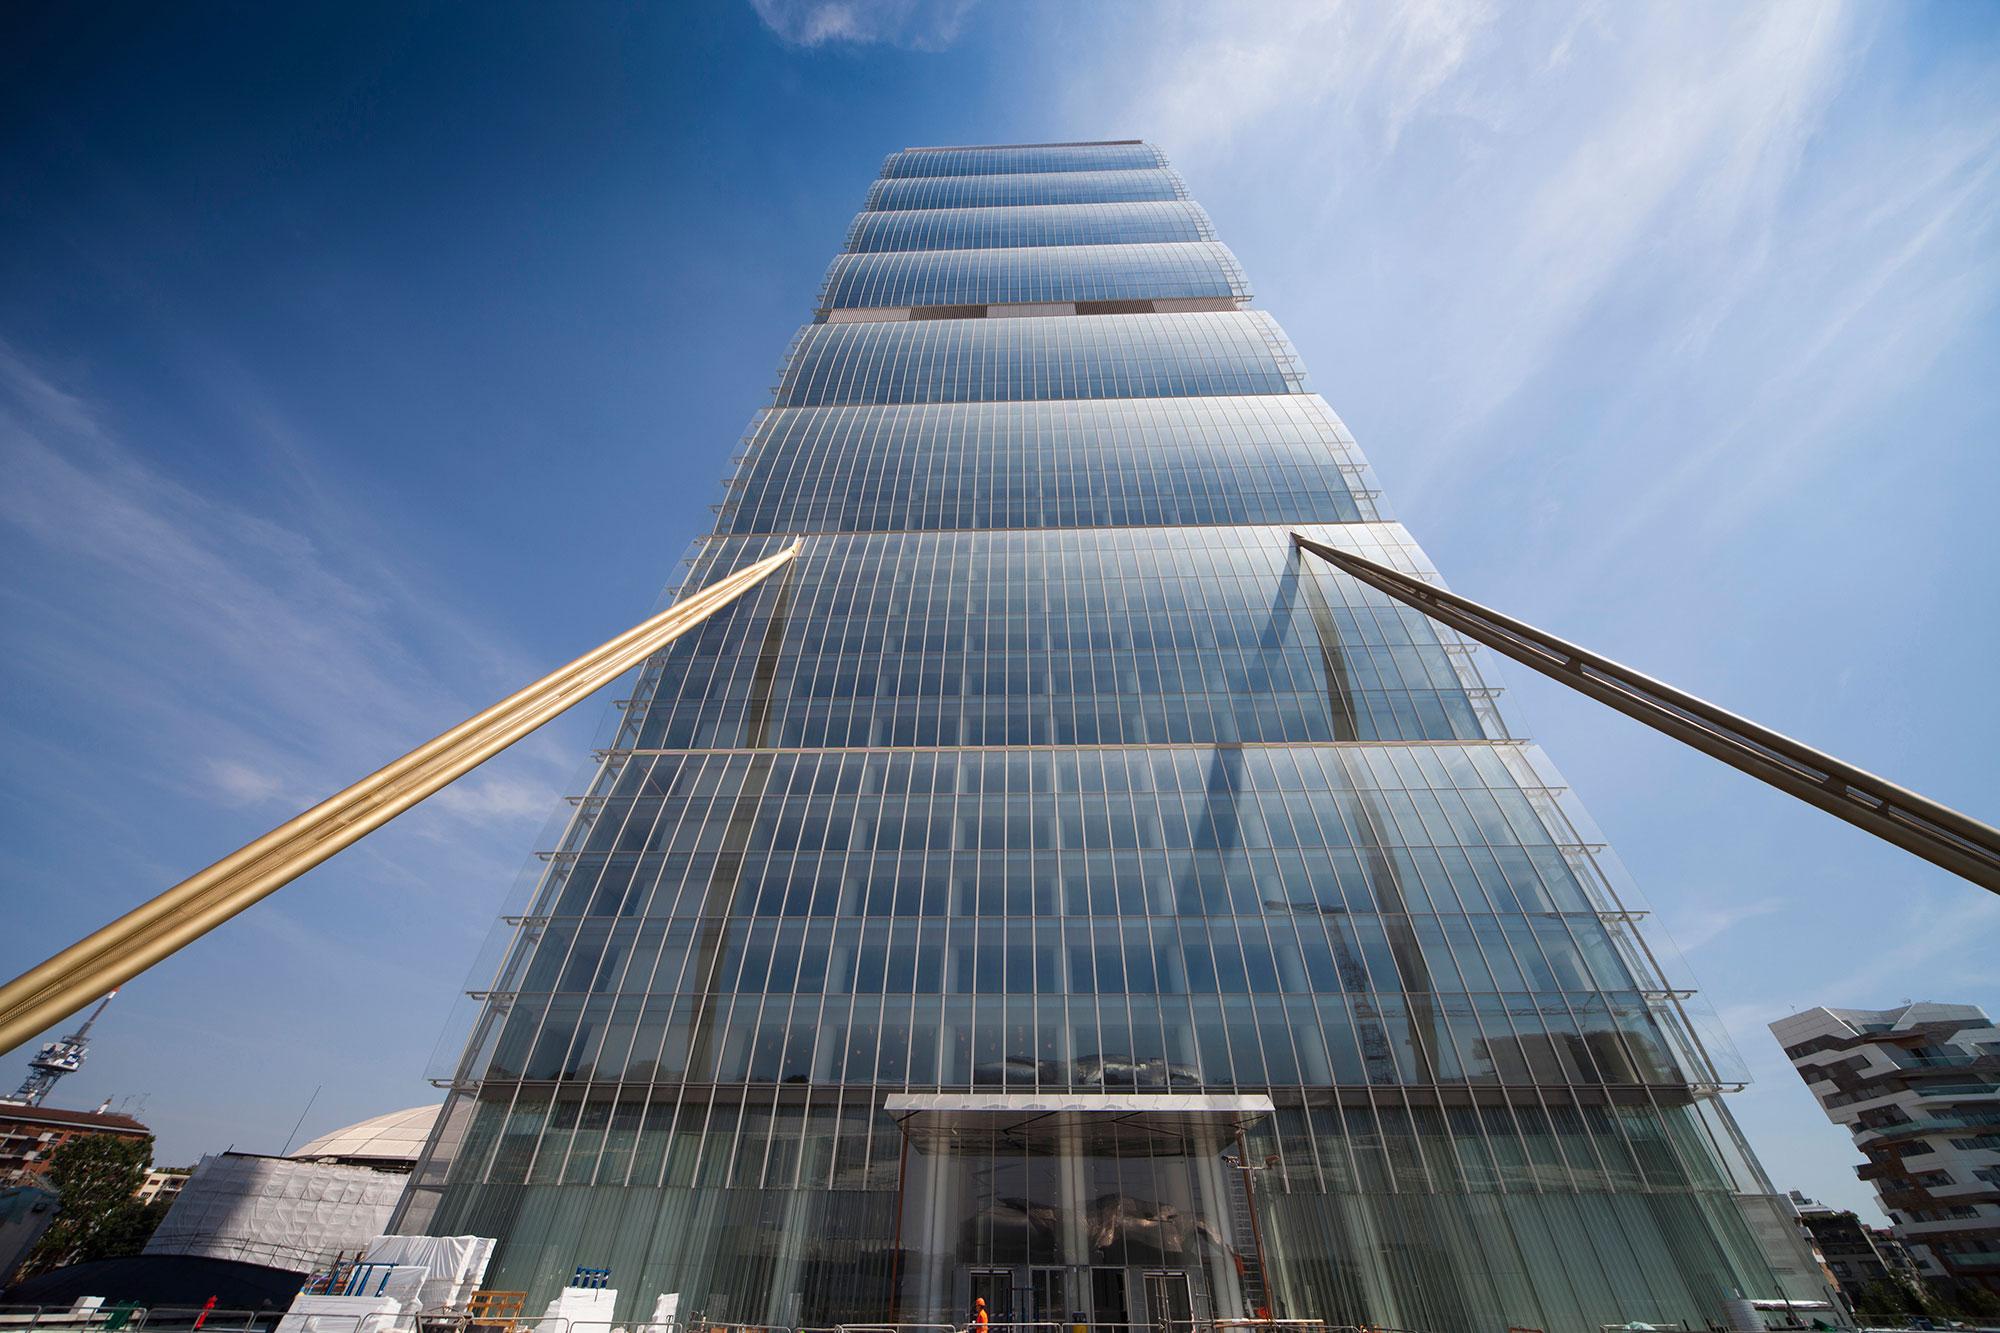 Torre Allianz Milano Colombo Costruzioni